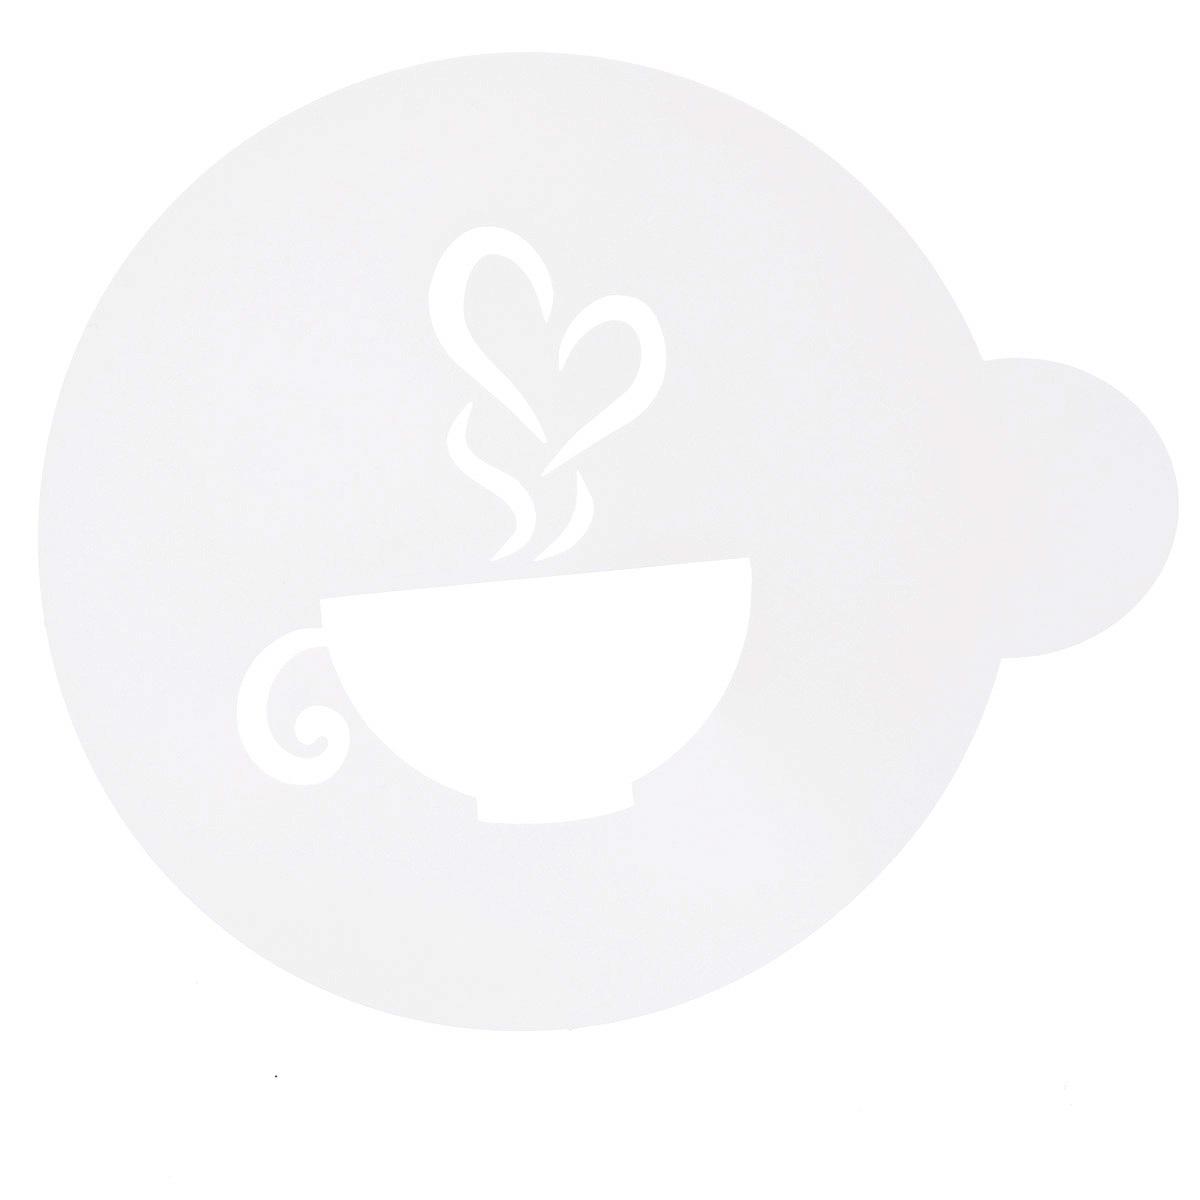 Трафарет на кофе и десерты Леденцовая фабрика Чашка кофе, диаметр 10 смТ025Трафарет представляет собой пластину с прорезями, через которые пищевая краска (сахарная пудра, какао, шоколад, сливки, корица, дробленый орех) наносится на поверхность кофе, молочных коктейлей, десертов. Трафарет изготовлен из матового пищевого пластика 250 мкм и пригоден для контакта с пищевыми продуктами. Трафарет многоразовый. Побалуйте себя и ваших близких красиво оформленным кофе.